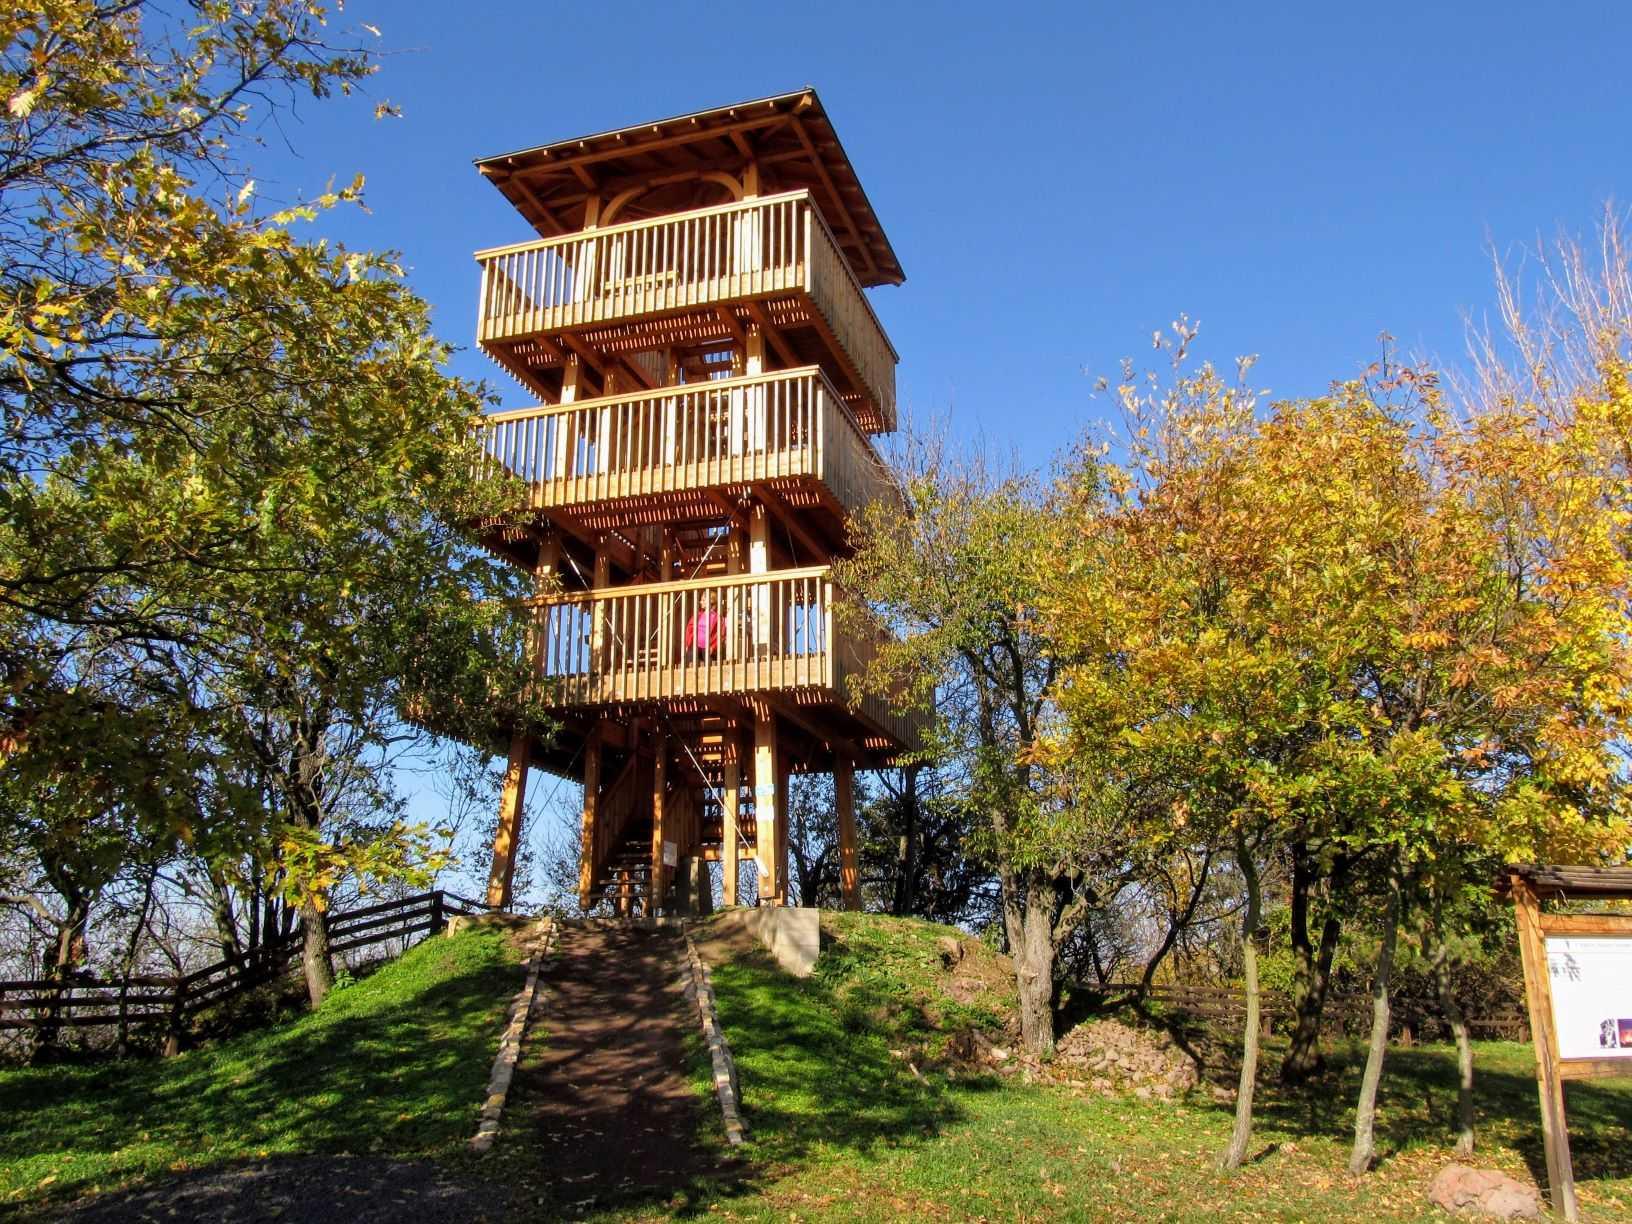 Kossuth lookout tower